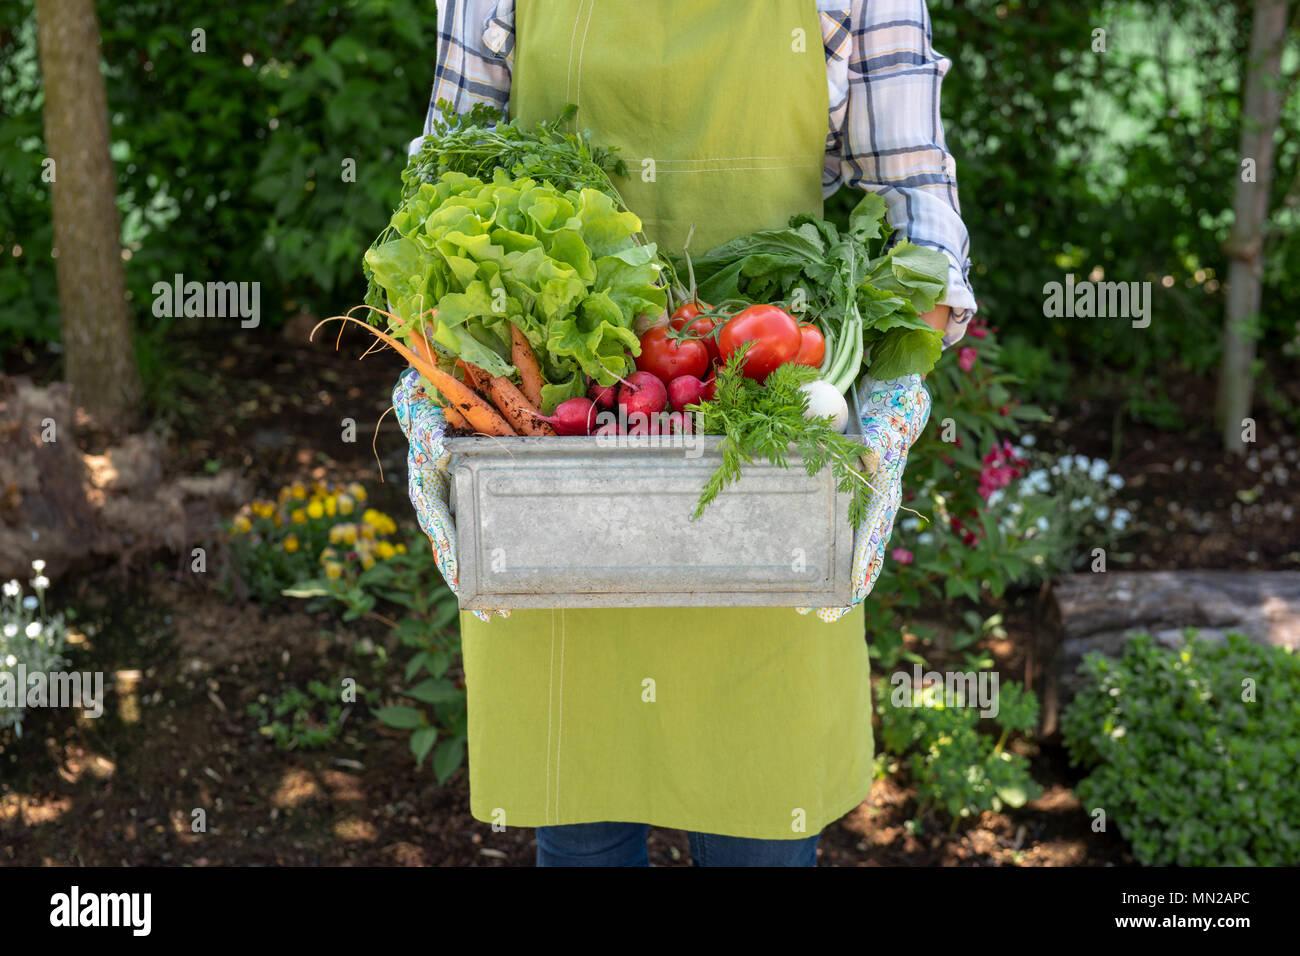 Méconnaissable female farmer holding caisse pleine de légumes fraîchement récoltés dans son jardin. Homegrown bio produit concept. Banque D'Images